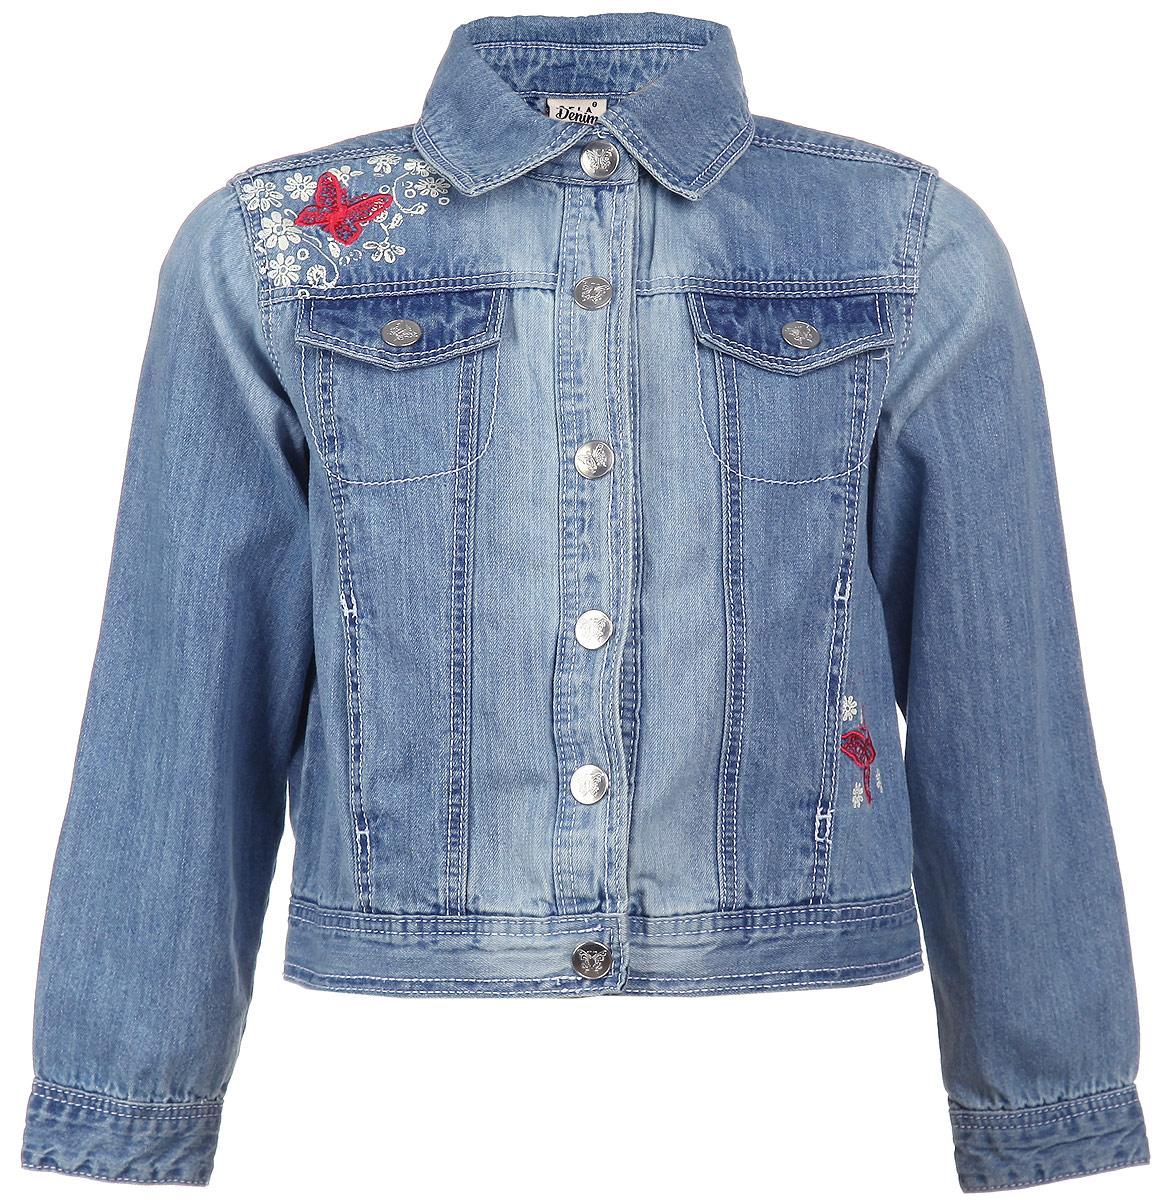 Куртка для девочки. JTj-536/002-6152JTj-536/002-6152Джинсовая куртка для девочки Sela идеально подойдет вашей маленькой принцессе. Изготовленная из высококачественного материала, она мягкая, очень приятная на ощупь, не сковывает движения и позволяет коже дышать, обеспечивая наибольший комфорт. Модель с длинными рукавами и отложным воротничком застегивается на металлические кнопки. На груди изделие оформлено имитацией кармашков с клапанами на кнопках. Манжеты на рукавах также застегиваются на кнопки. Спереди расположены два втачных кармана. Изделие декорировано вышитыми бабочками и принтовыми цветами. Современный дизайн делает эту куртку стильным предметом детского гардероба. В ней юная модница всегда будет в центре внимания!